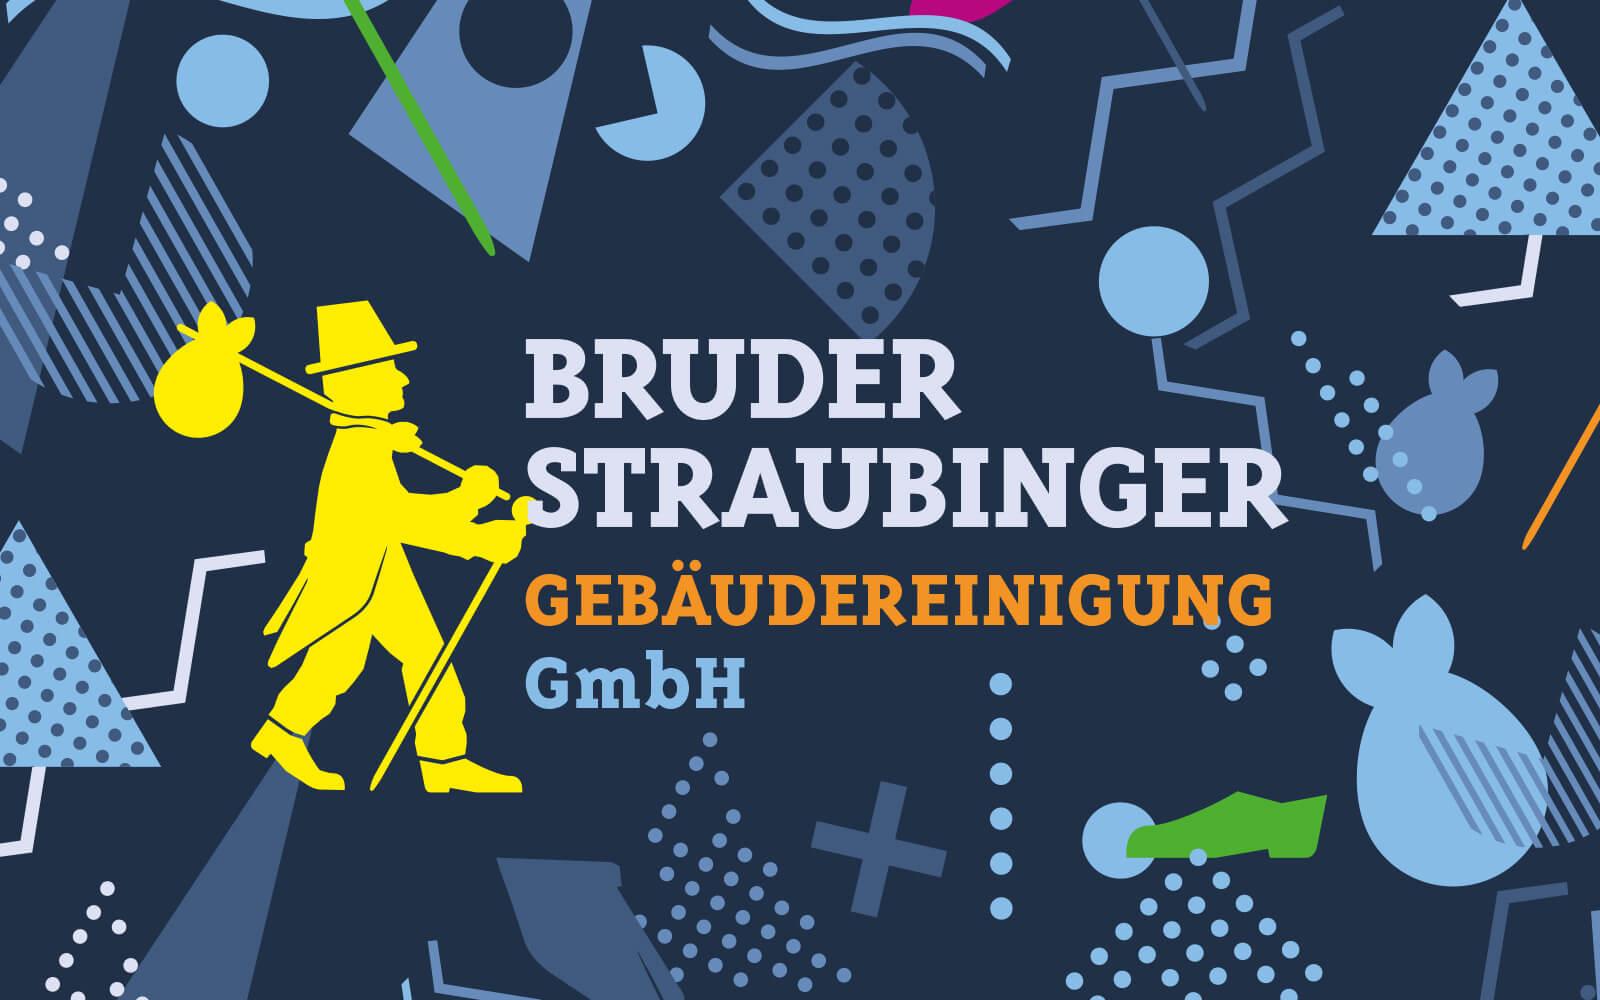 Bruder Straubinger Gebäudereinigung – Pattern 1